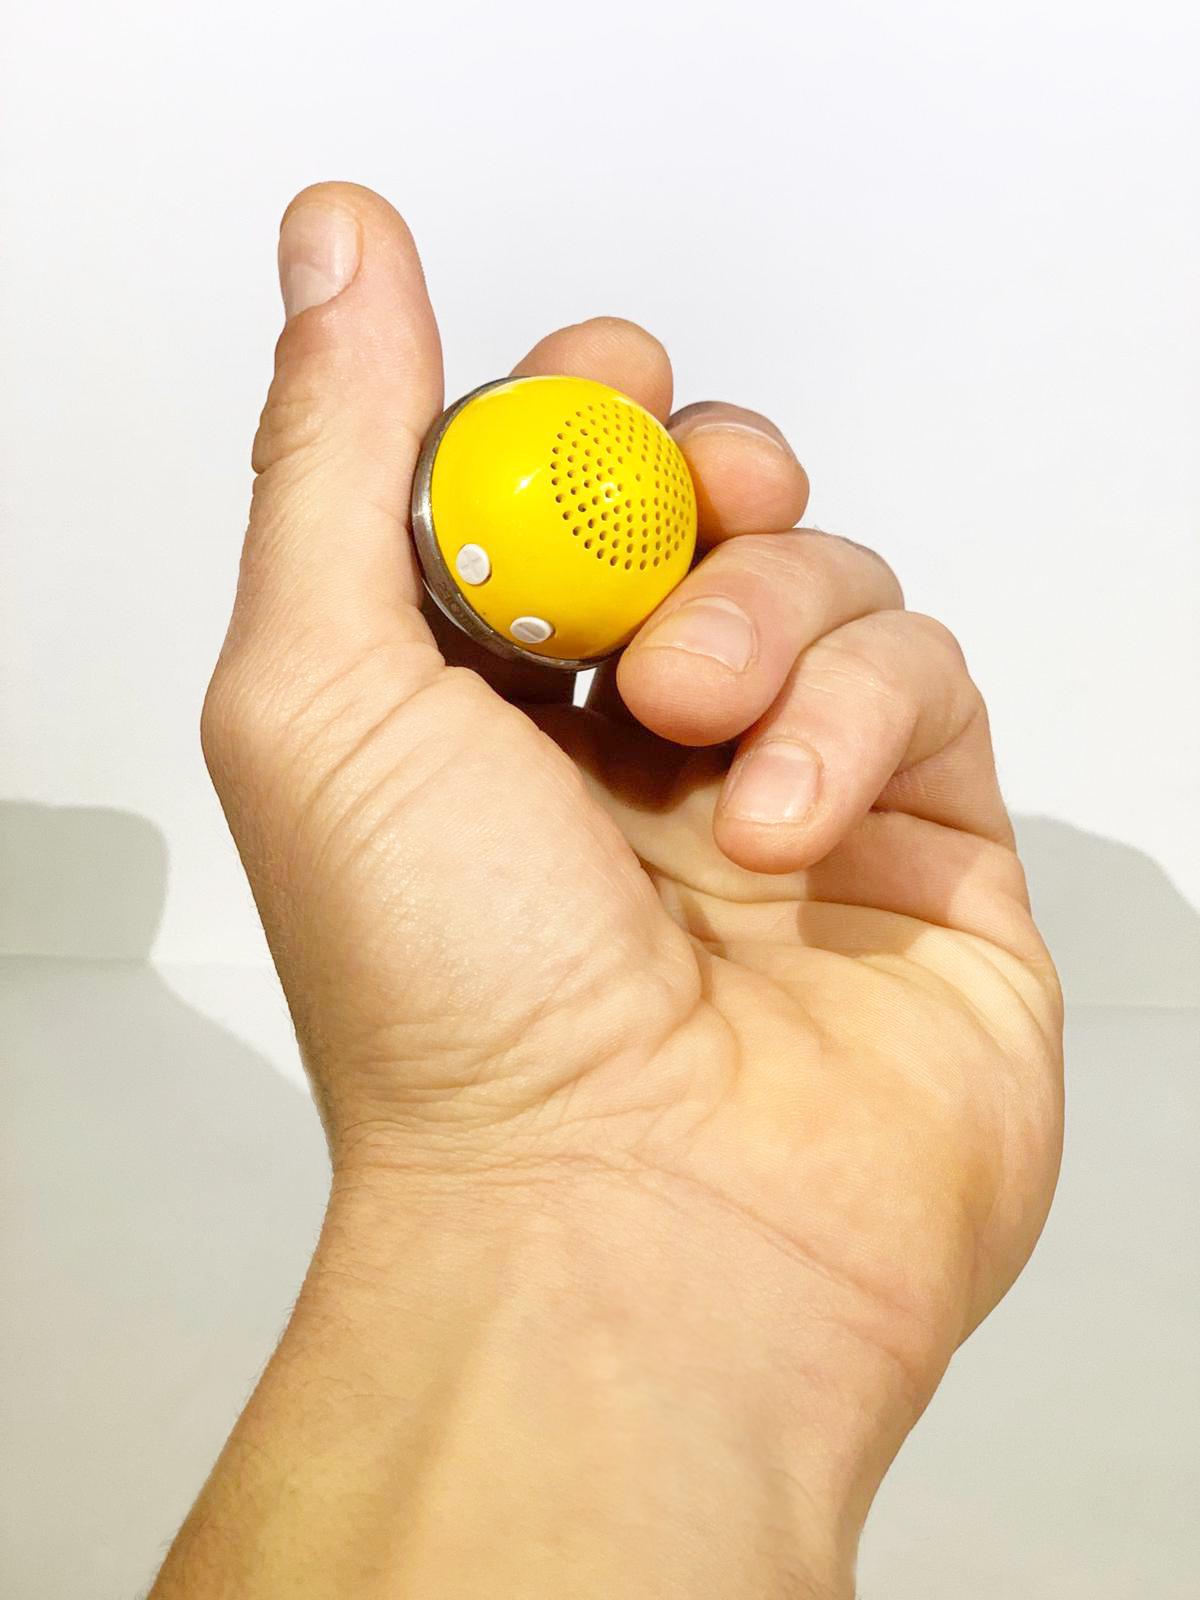 Songball, la sfera per regalare canzoni